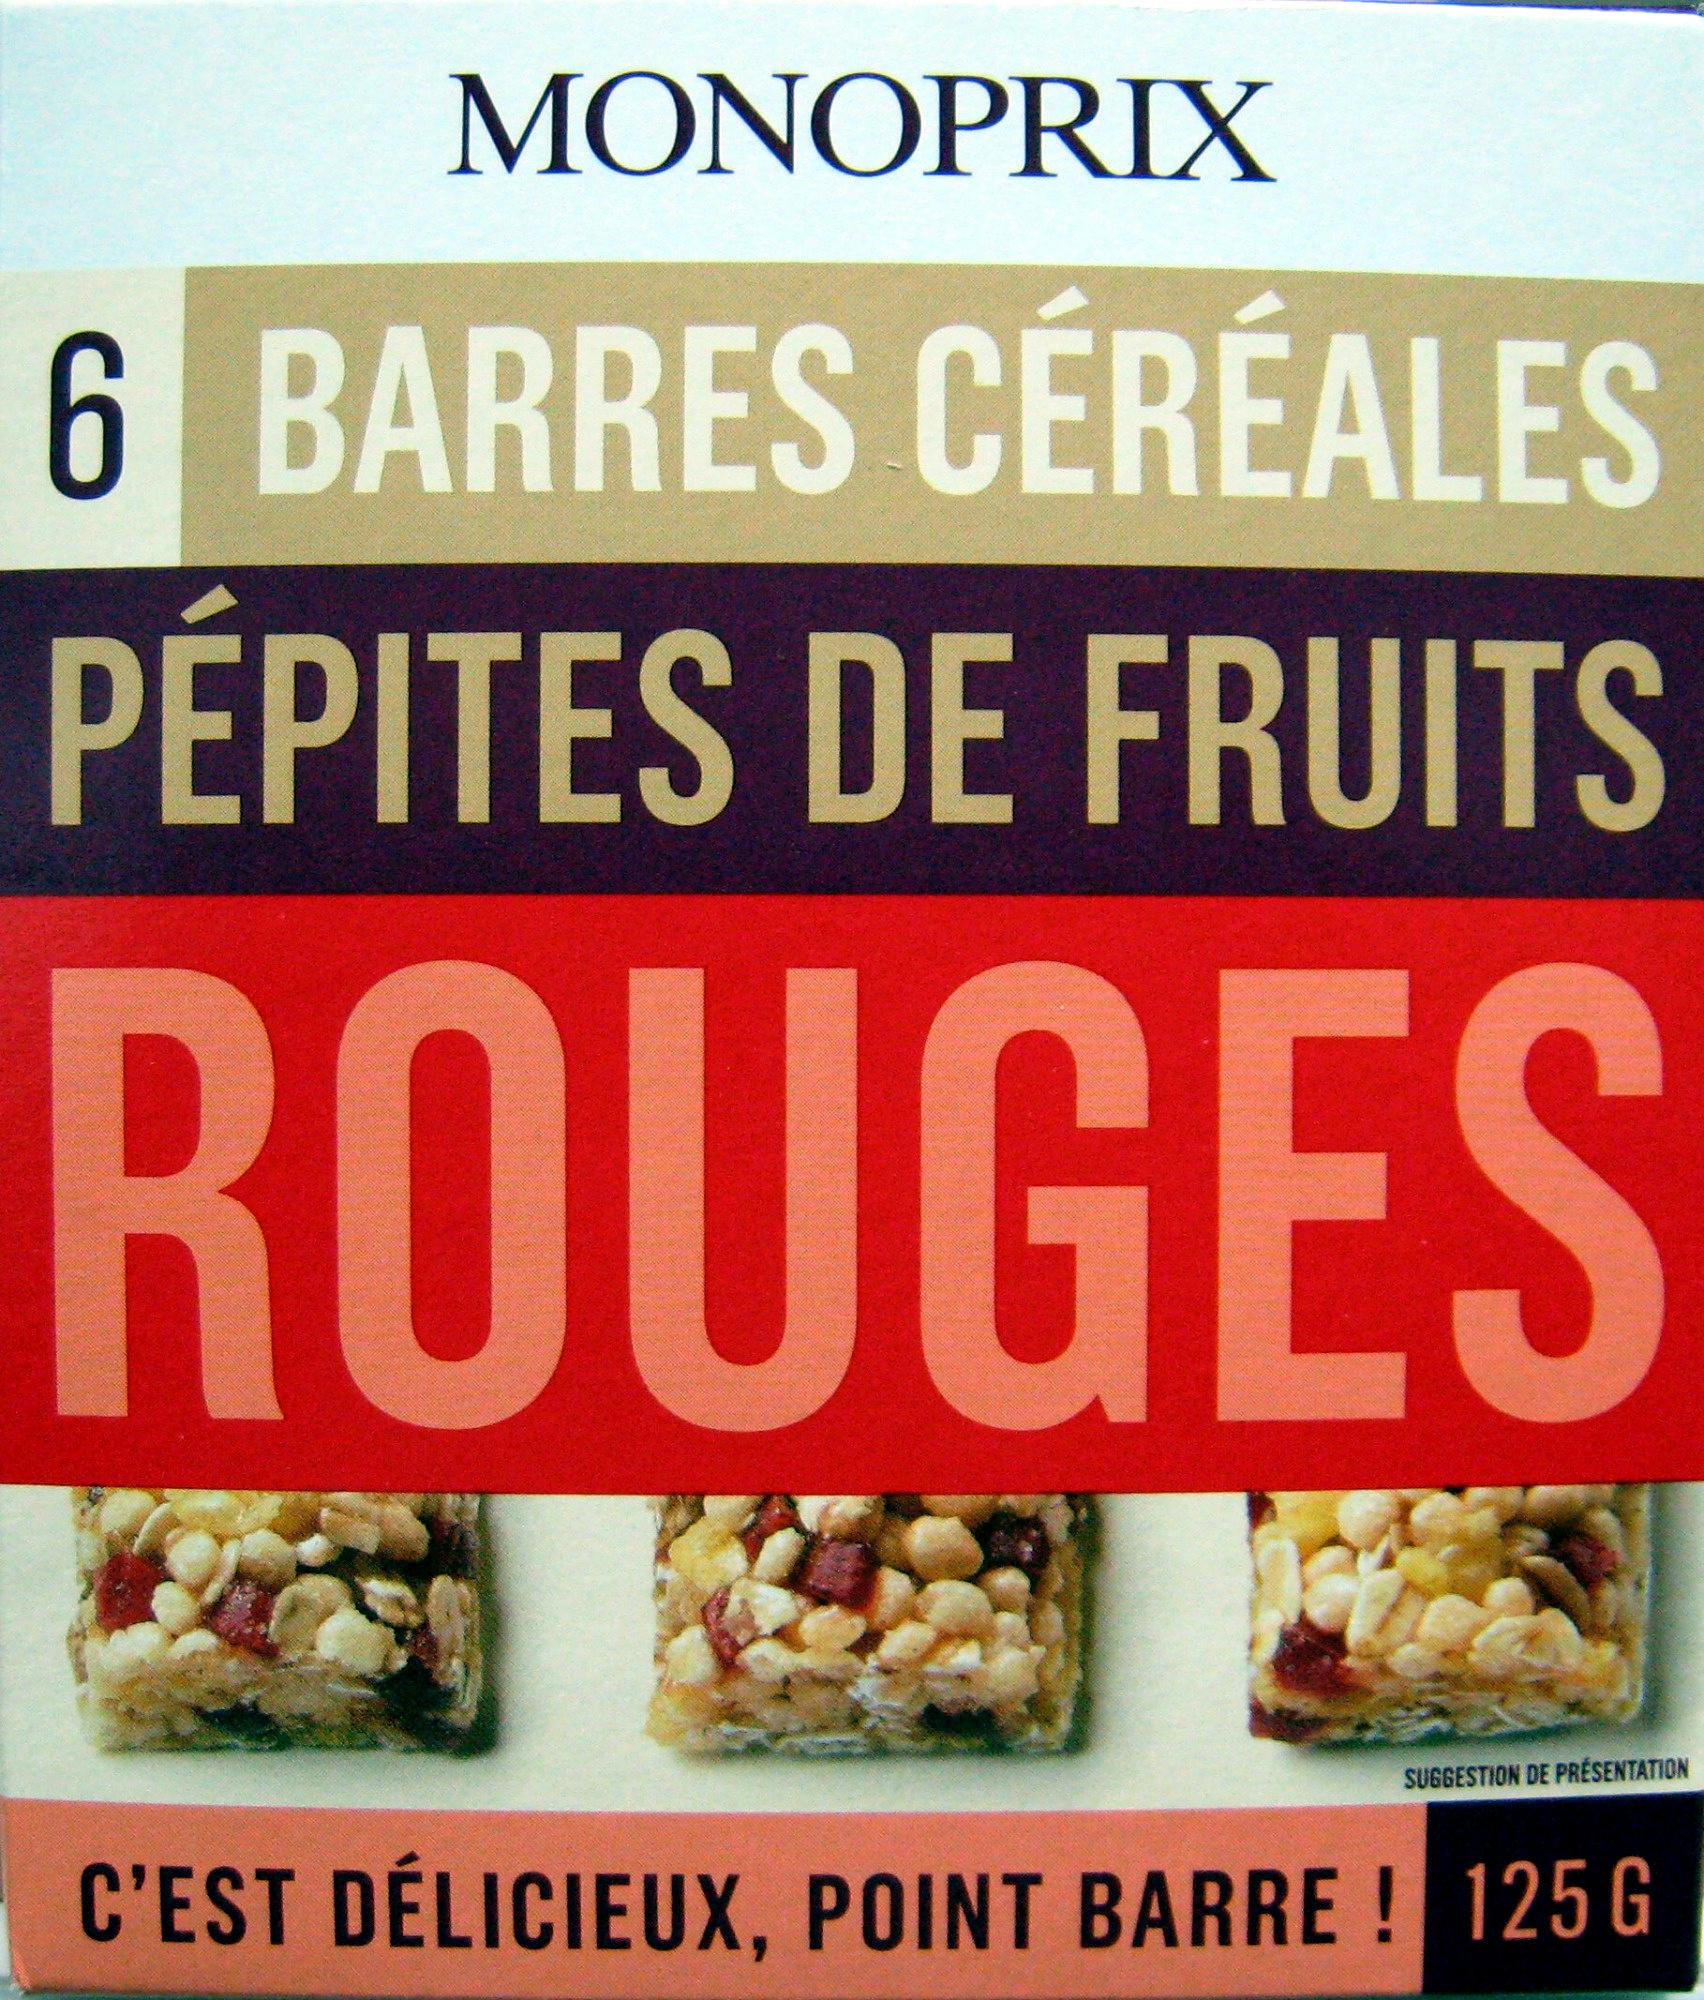 6 Barres céréales Pépites de fruits rouges Monoprix - Product - fr